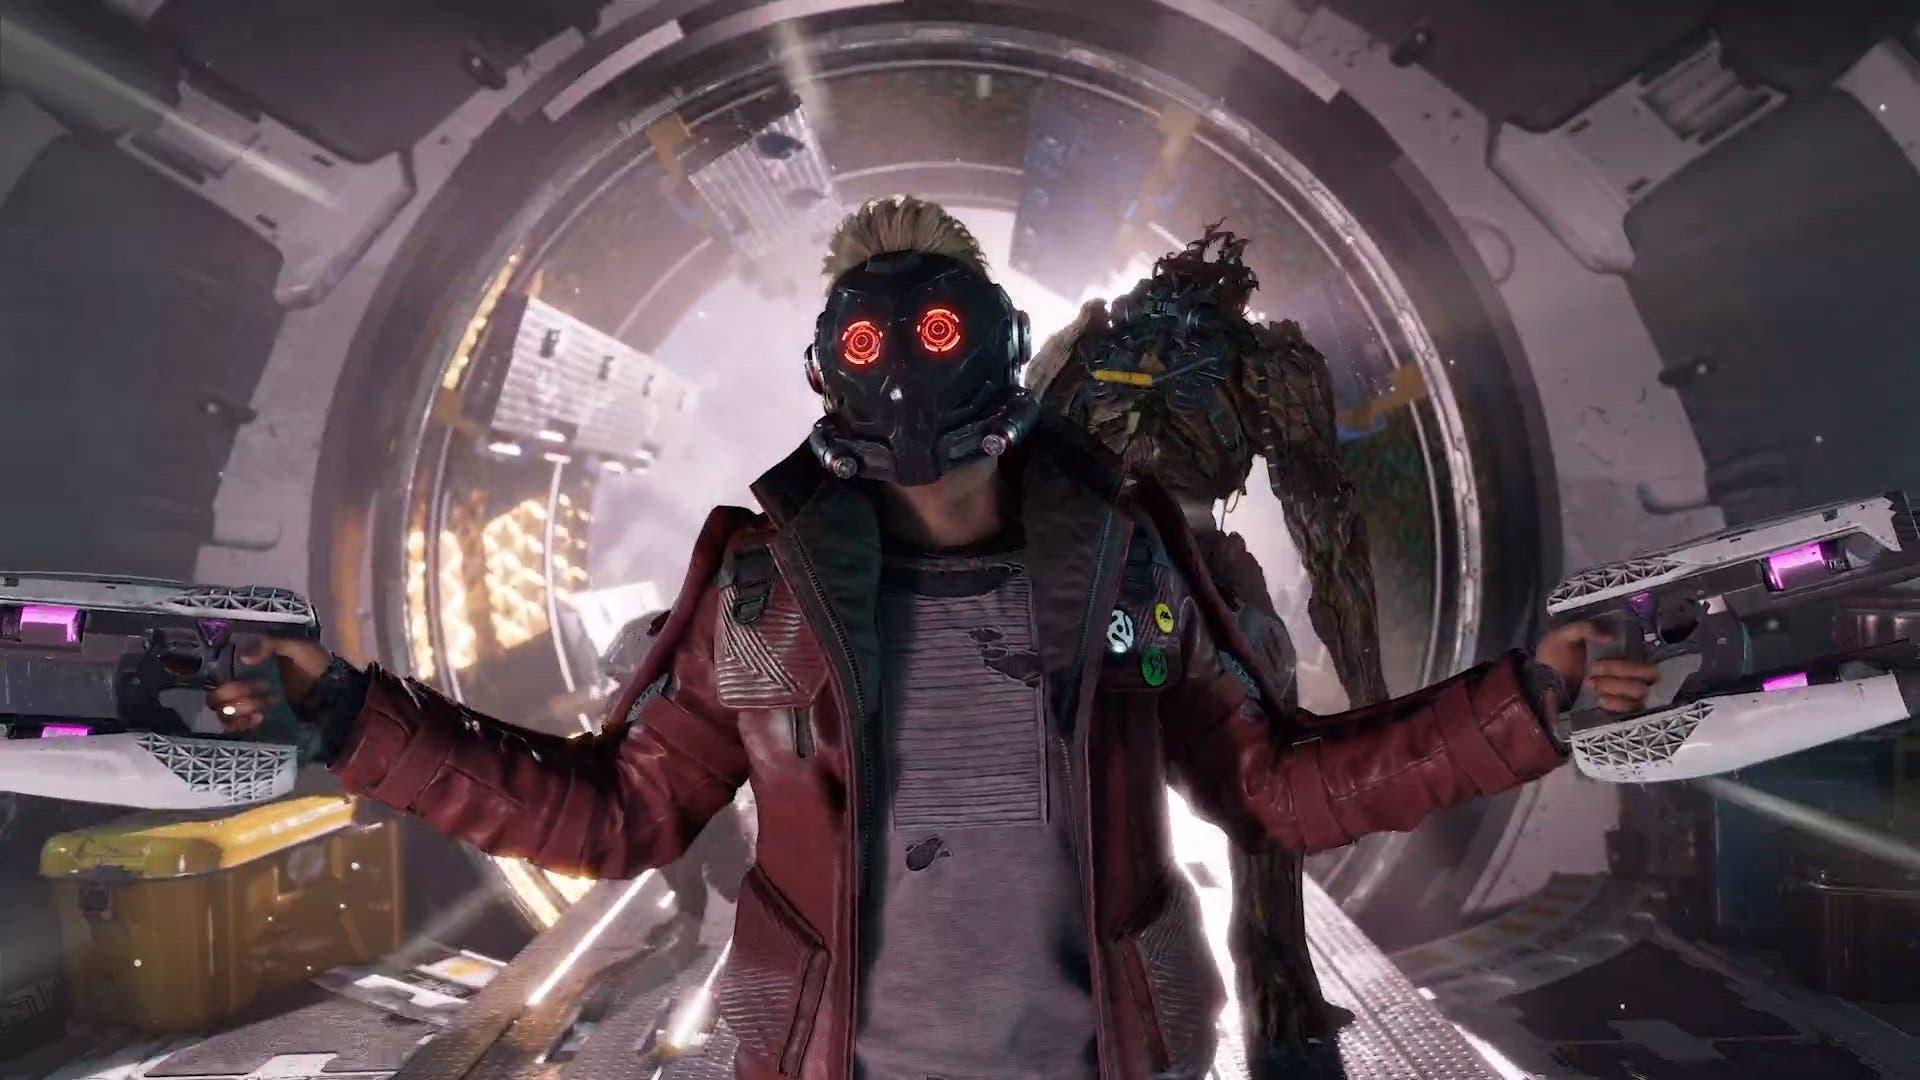 Anunciado Guardians of the Galaxy, un juego para un solo jugador basado en el universo de Marvel 5